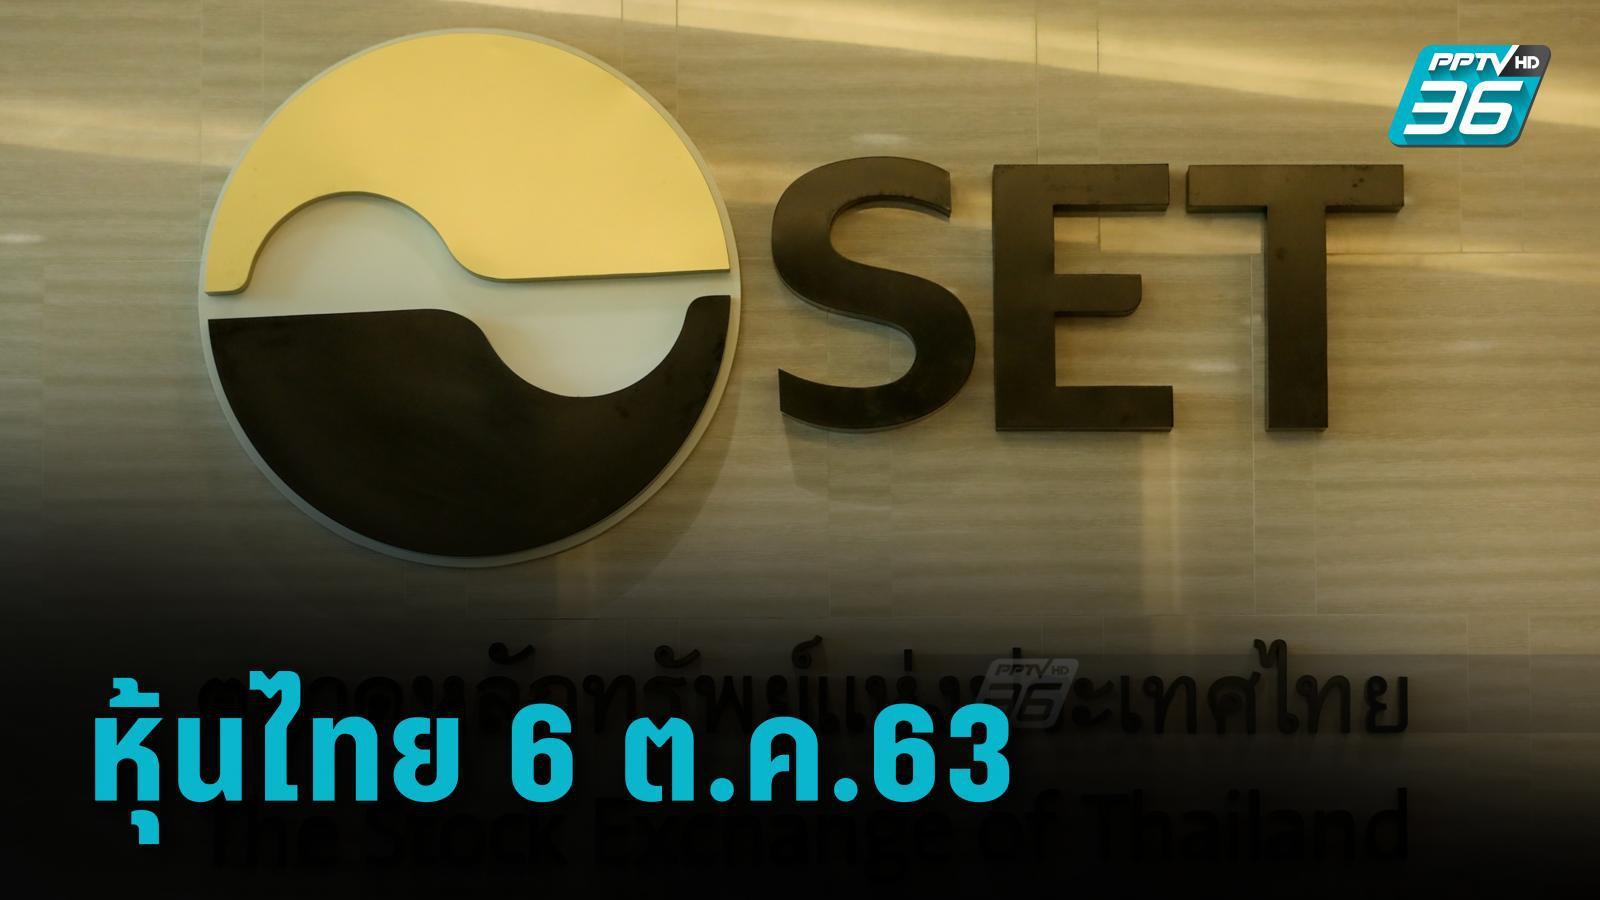 ดัชนีหุ้นไทย 6 ต.ค.63 ปิดการซื้อขาย 1,250.15 จุด เพิ่มขึ้น +7.16 จุด